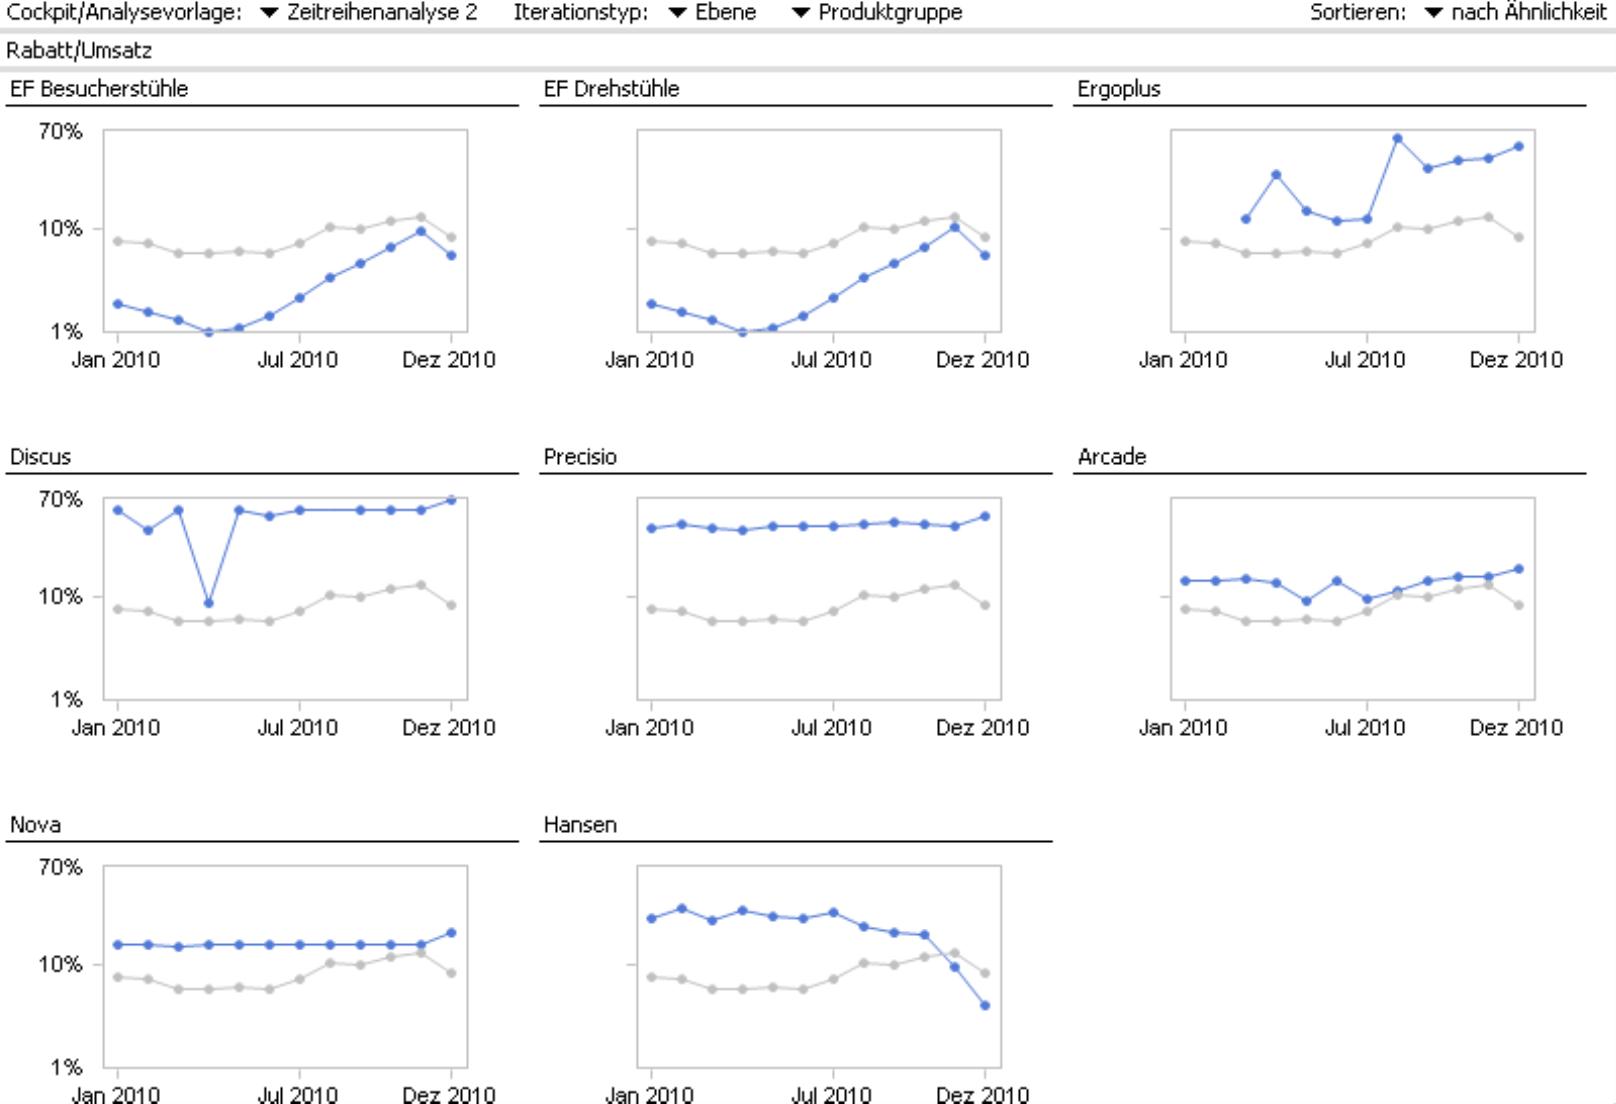 Entwicklung der Rabattquote mit dem Analyseverfahren Small Multiples